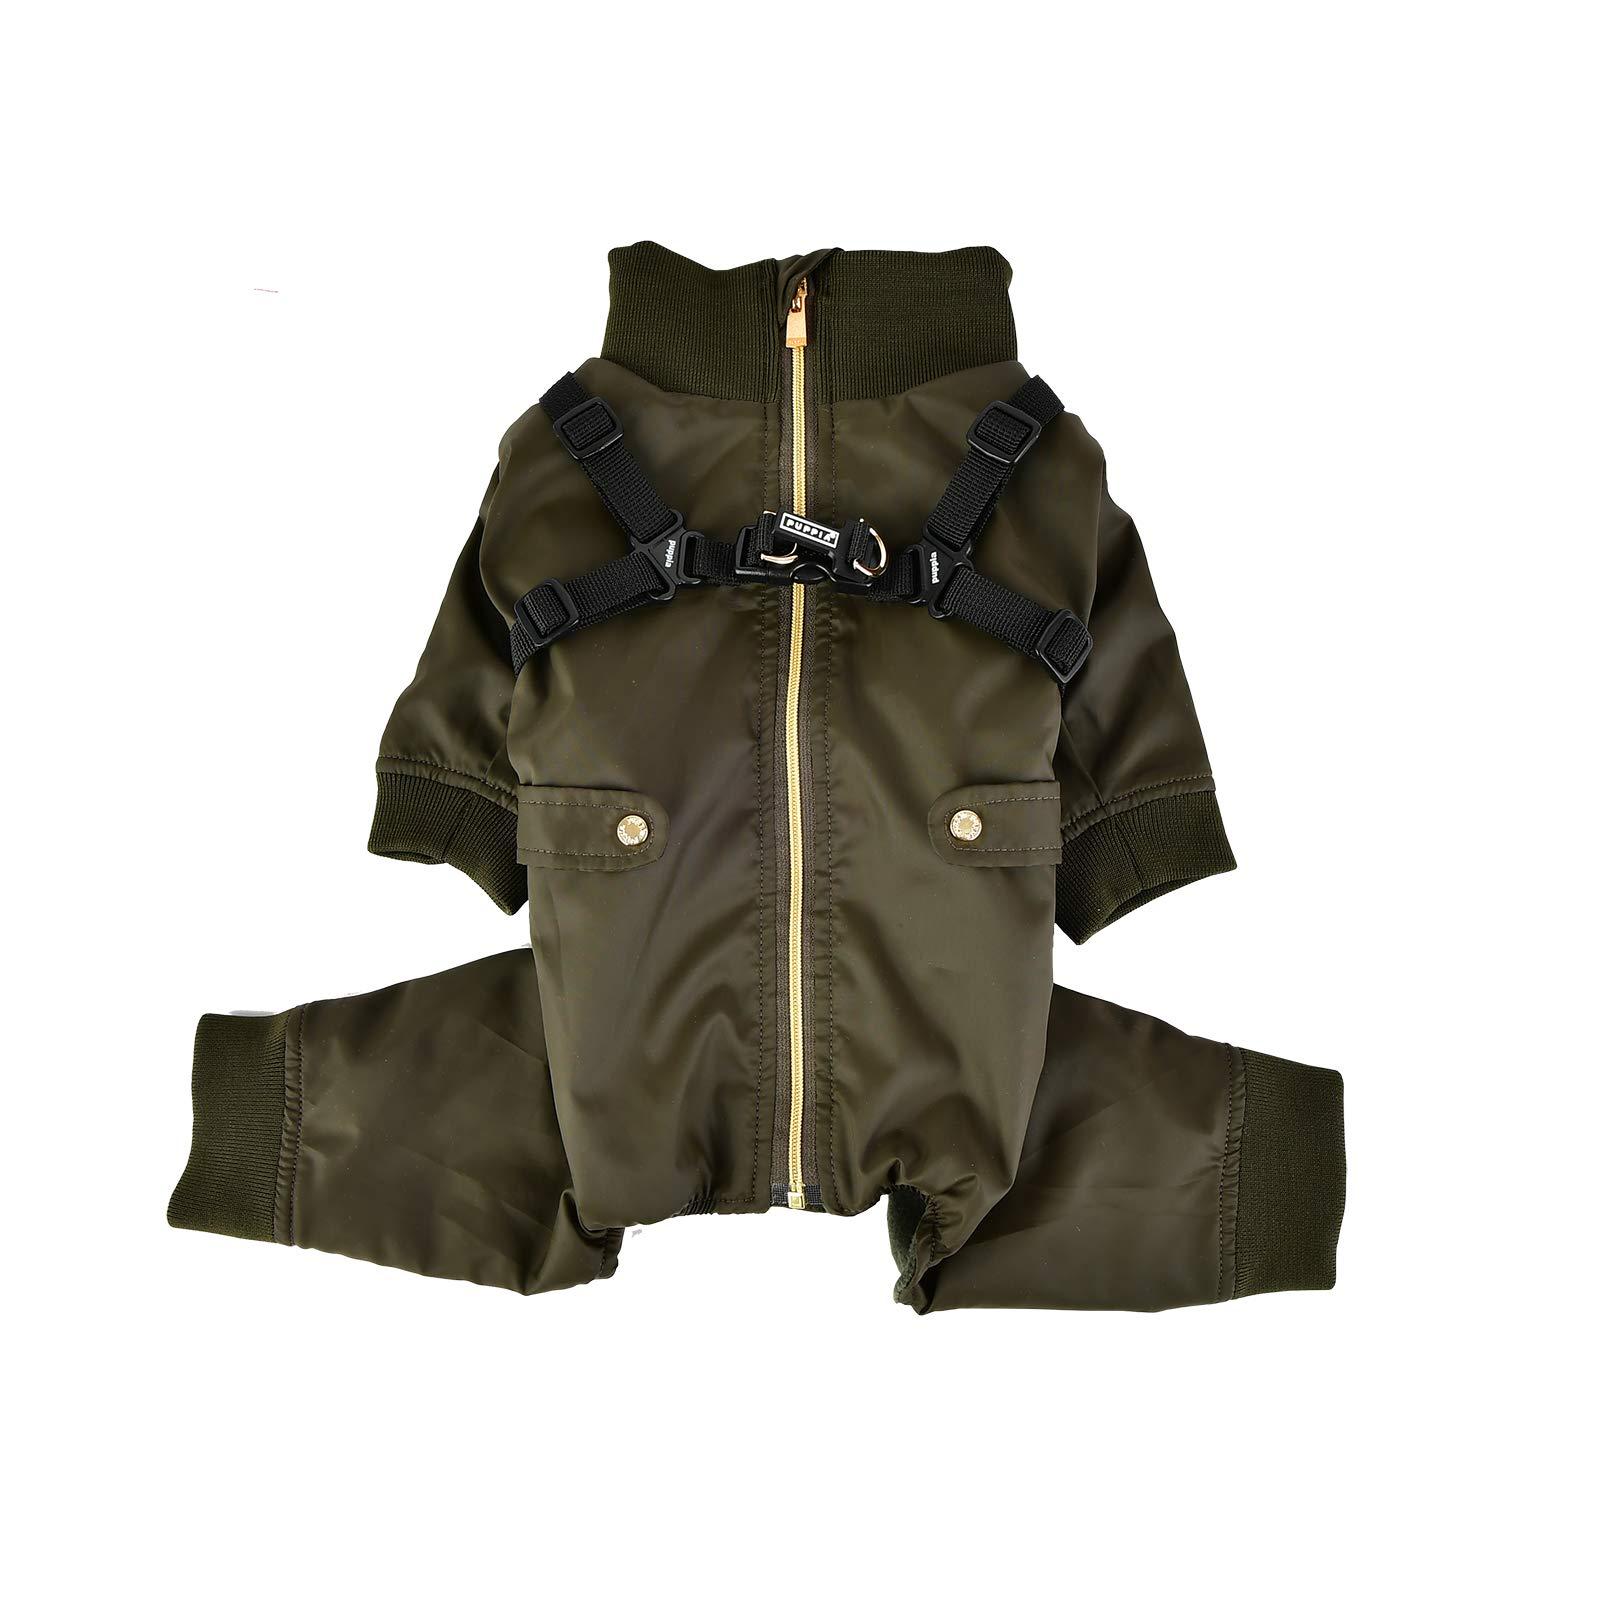 Puppia PLSD-JP1663-KH-L Garnet Pet Coat, Khaki, Large